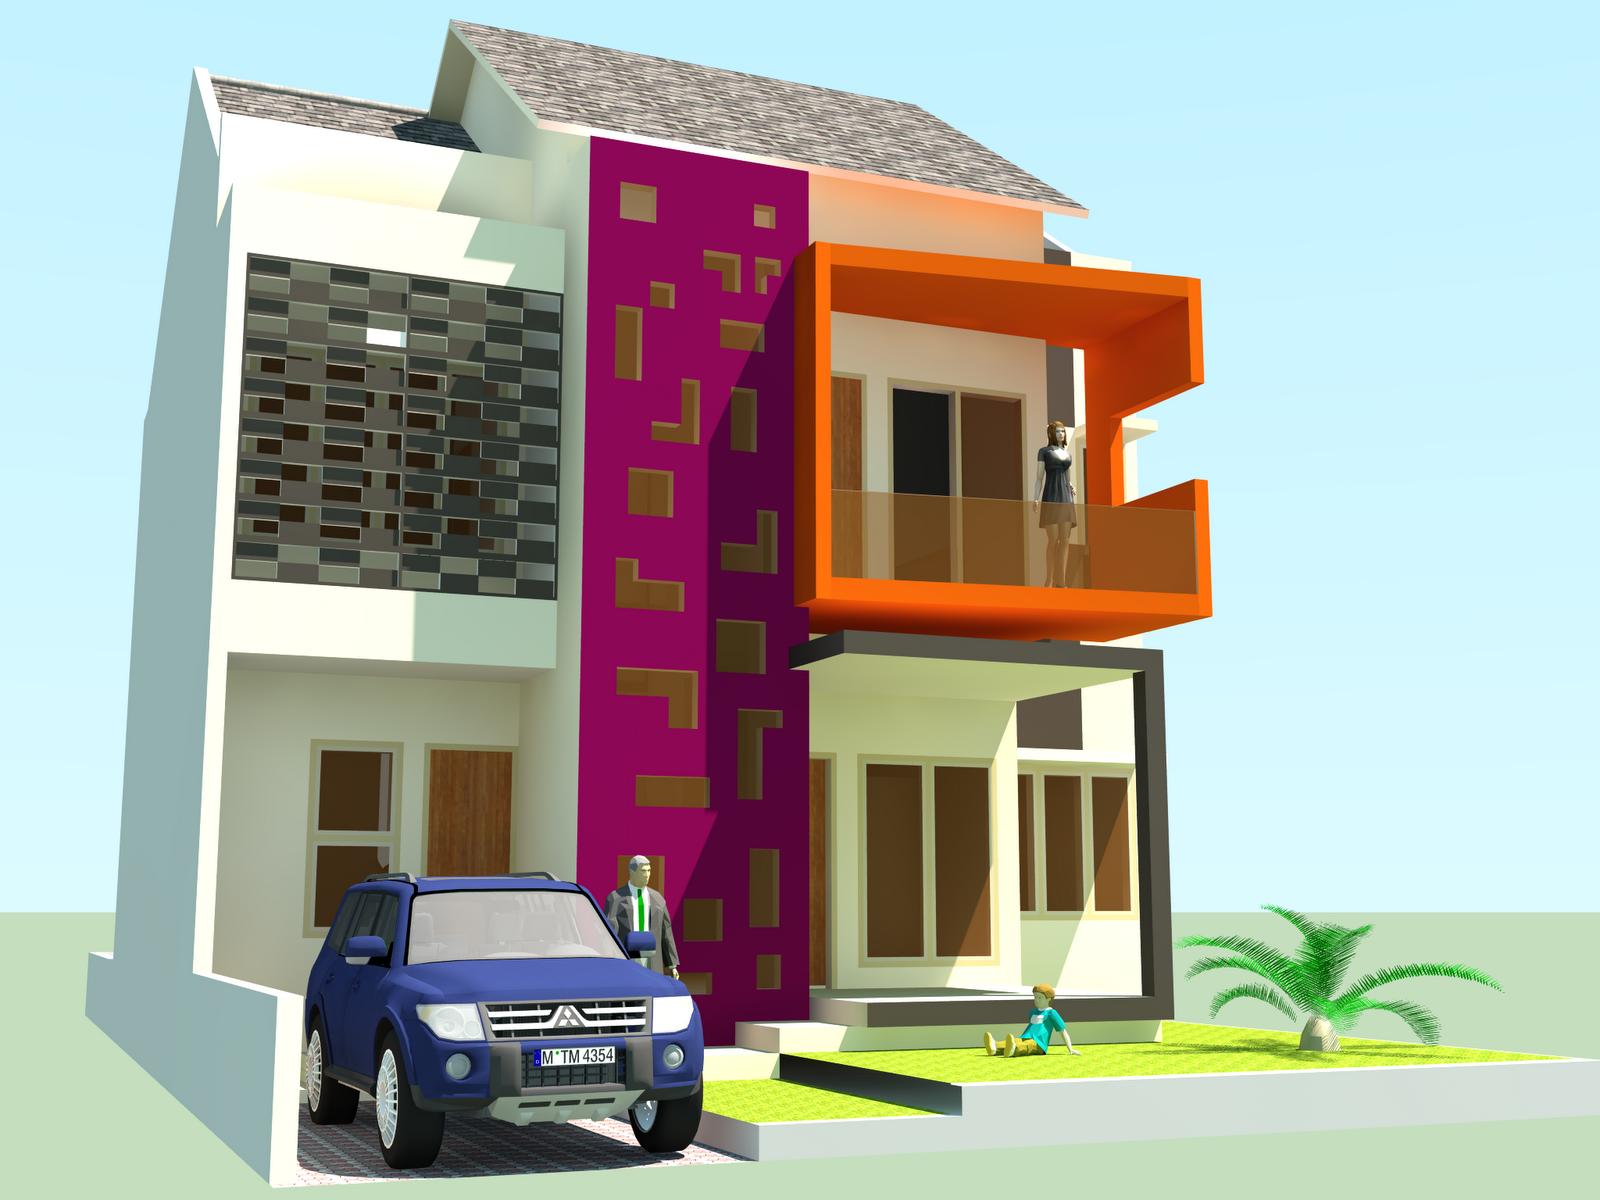 Image Result For Cara Membeli Rumah Lewat Kpr